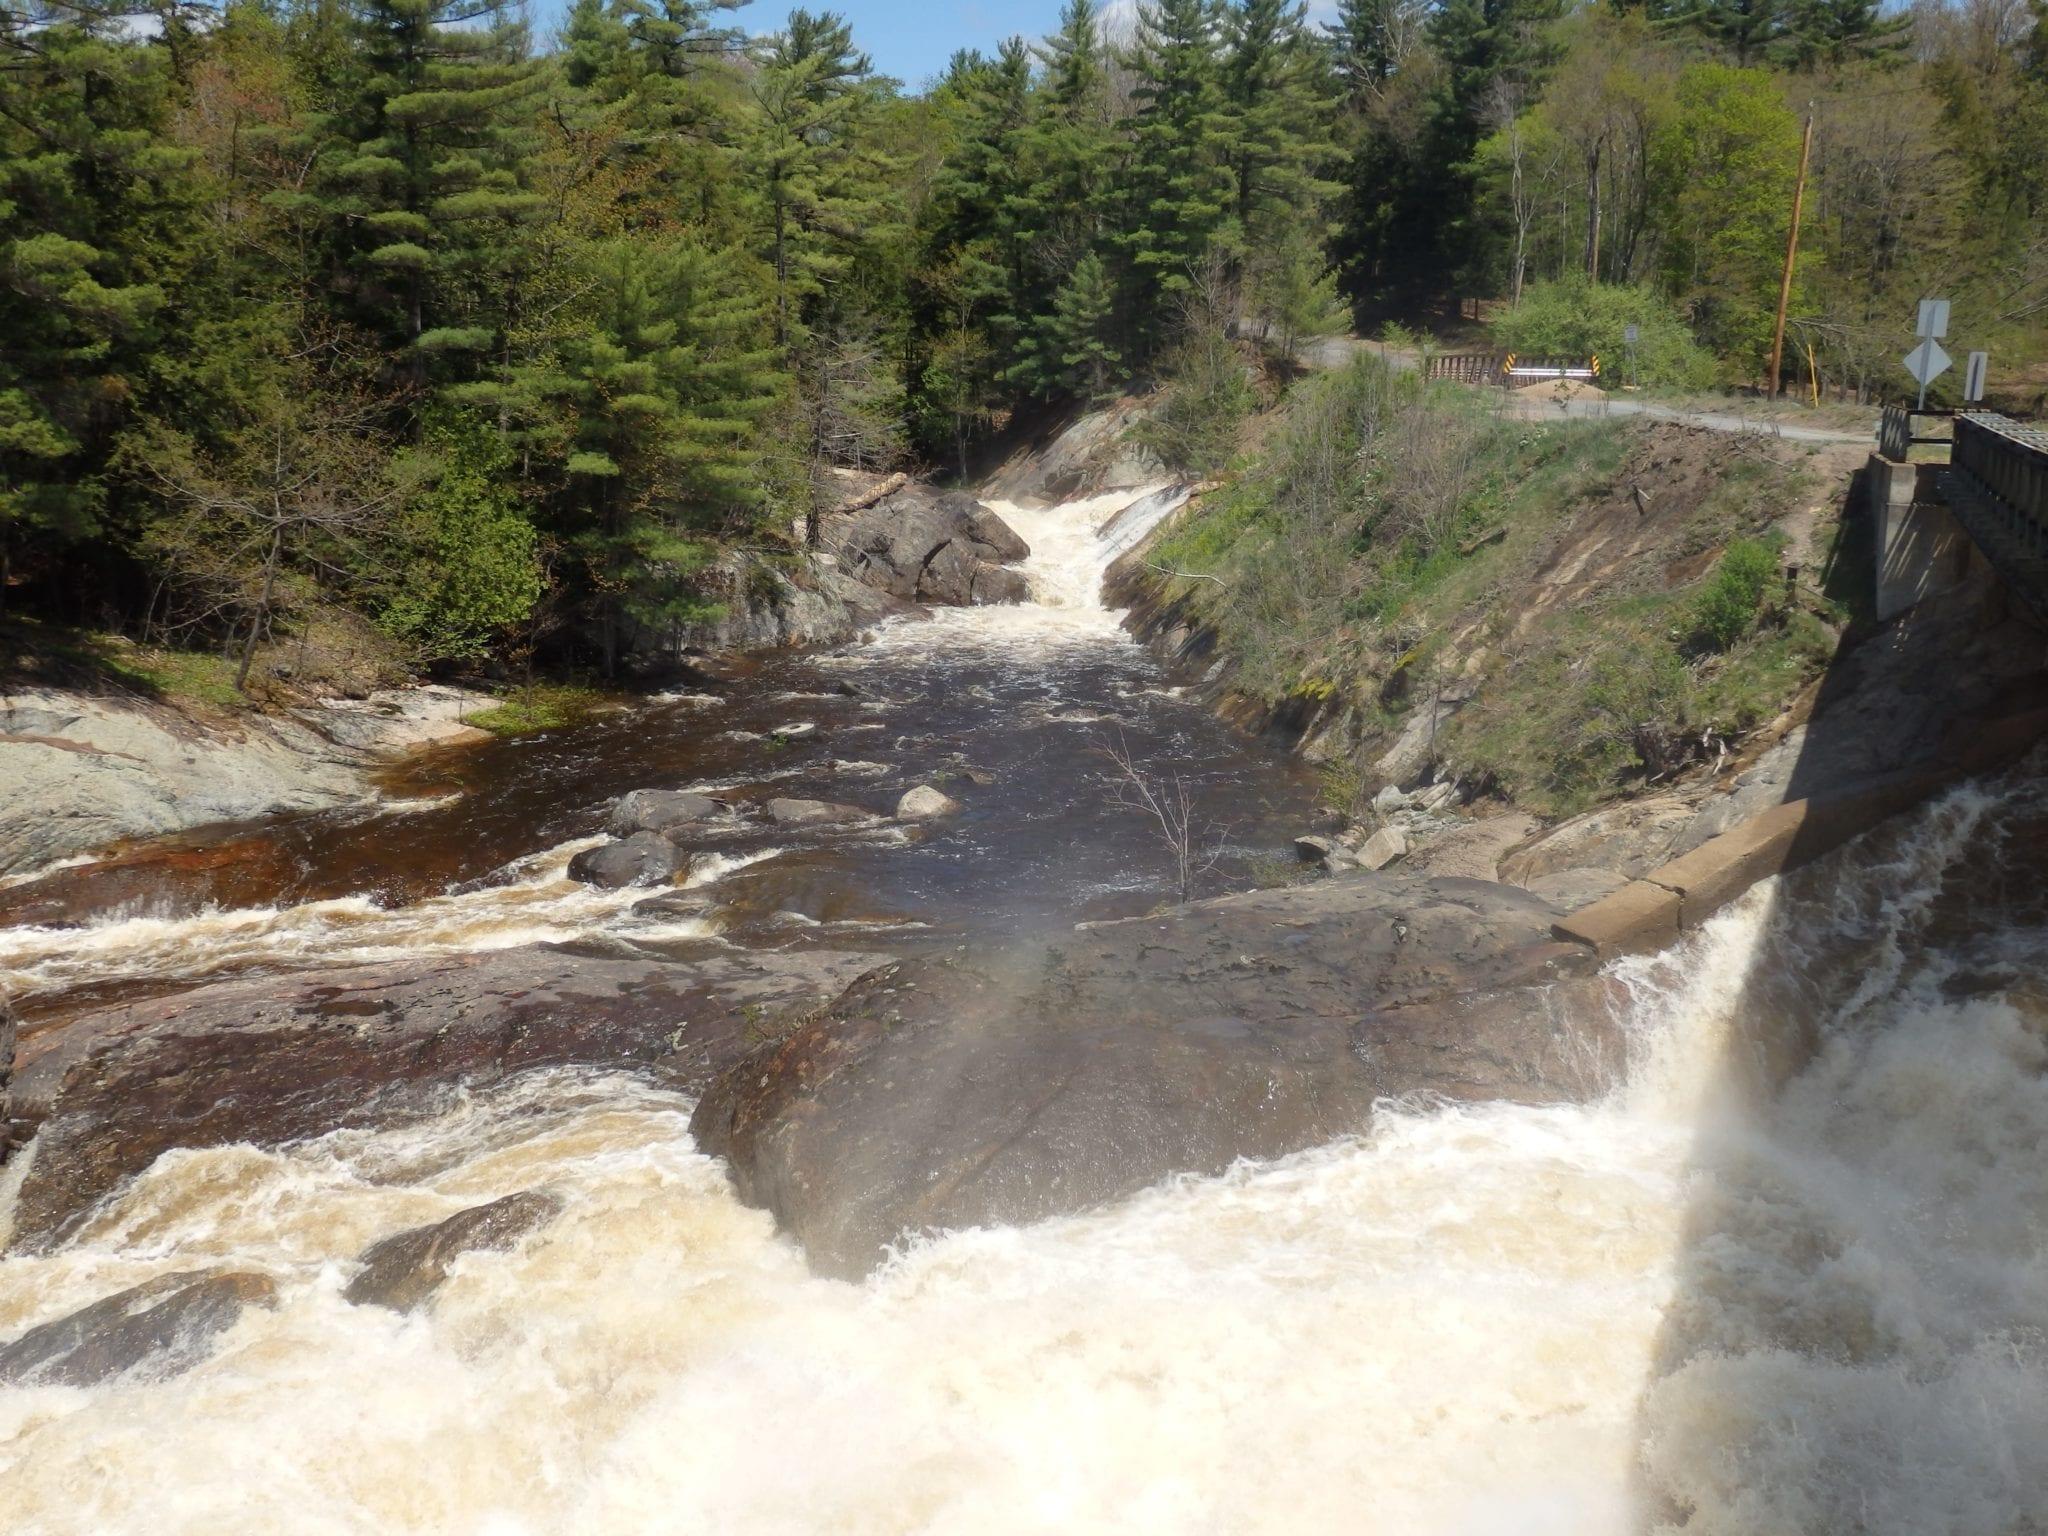 T-Bone Falls, Moose River, Lewis County, New York